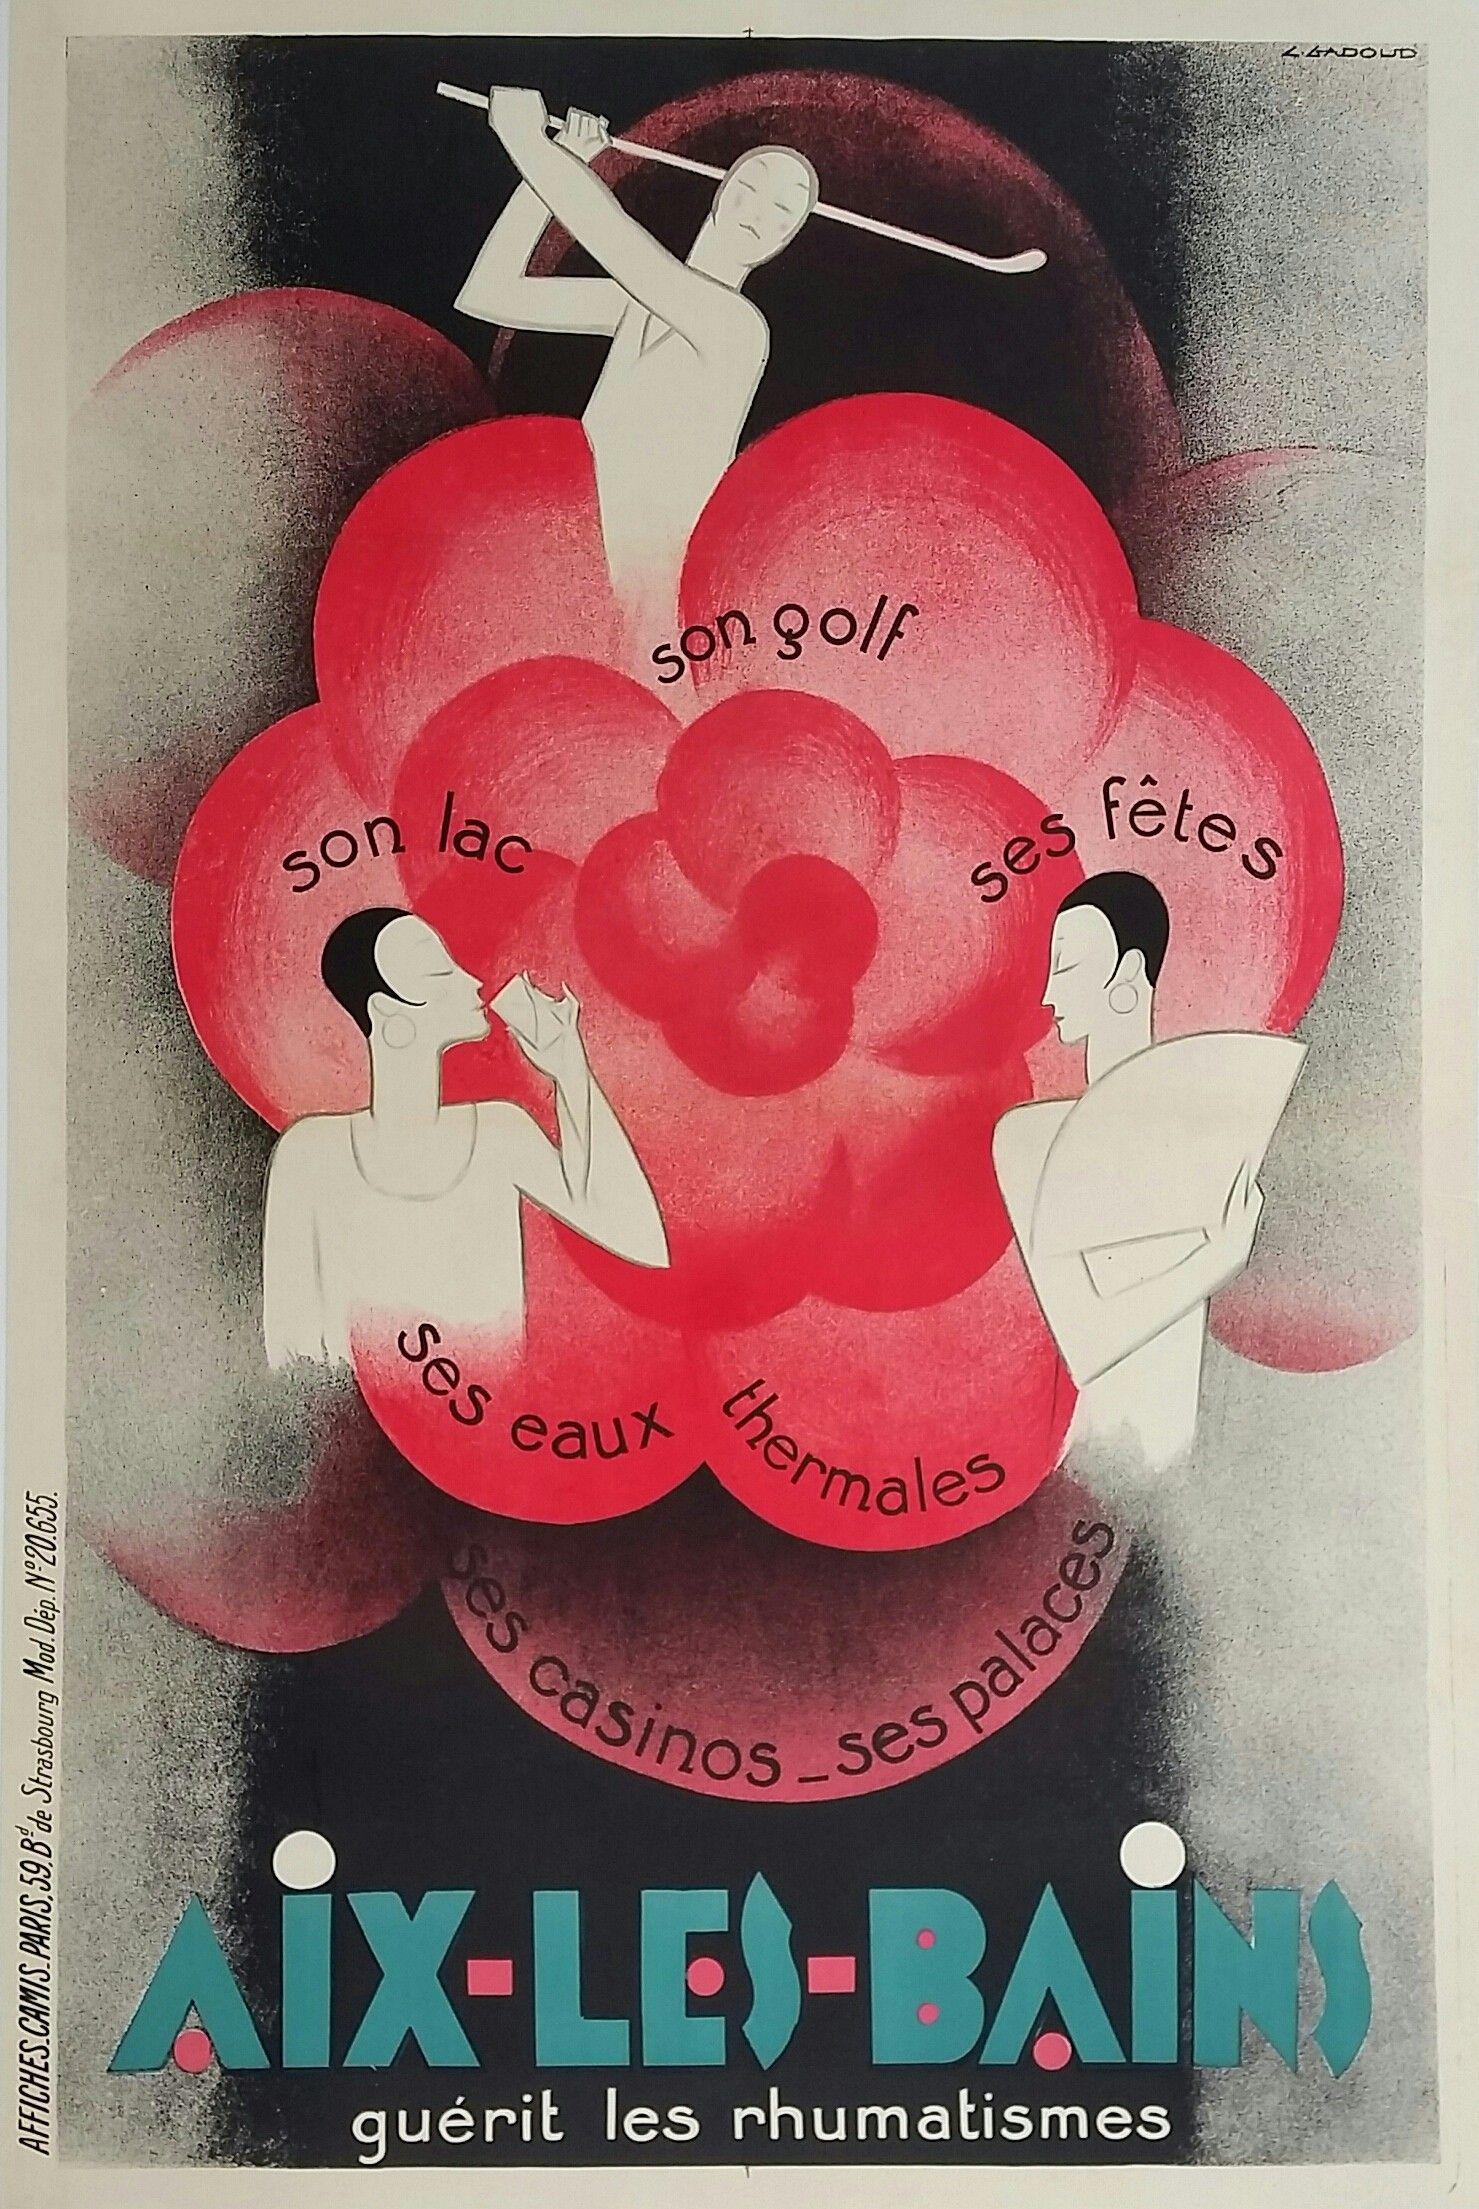 Original Vintage Poster Aix Les Bains Golf Lac Eaux Thermales Casinos Claude Gadoud Vintage Travel Posters Vintage Posters Travel Posters